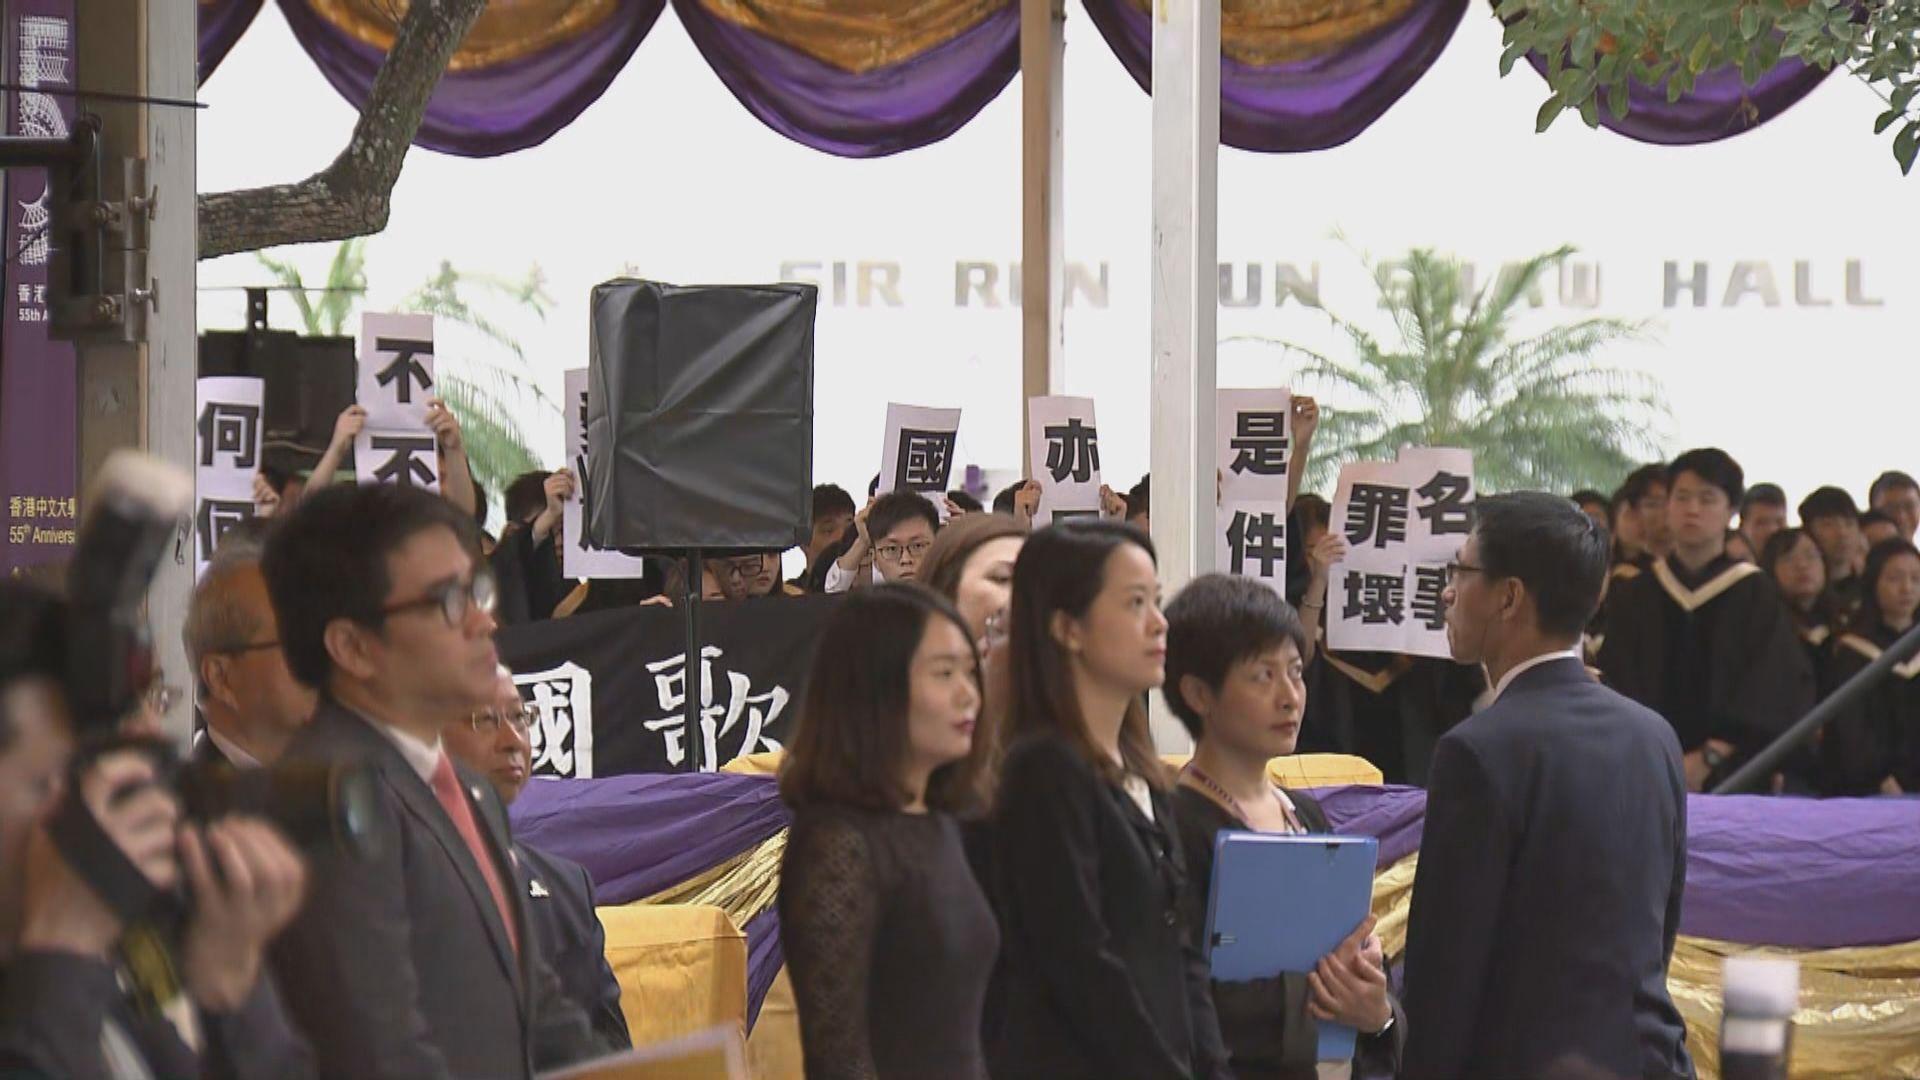 中大學生畢業禮示威反國歌法及廿三條立法